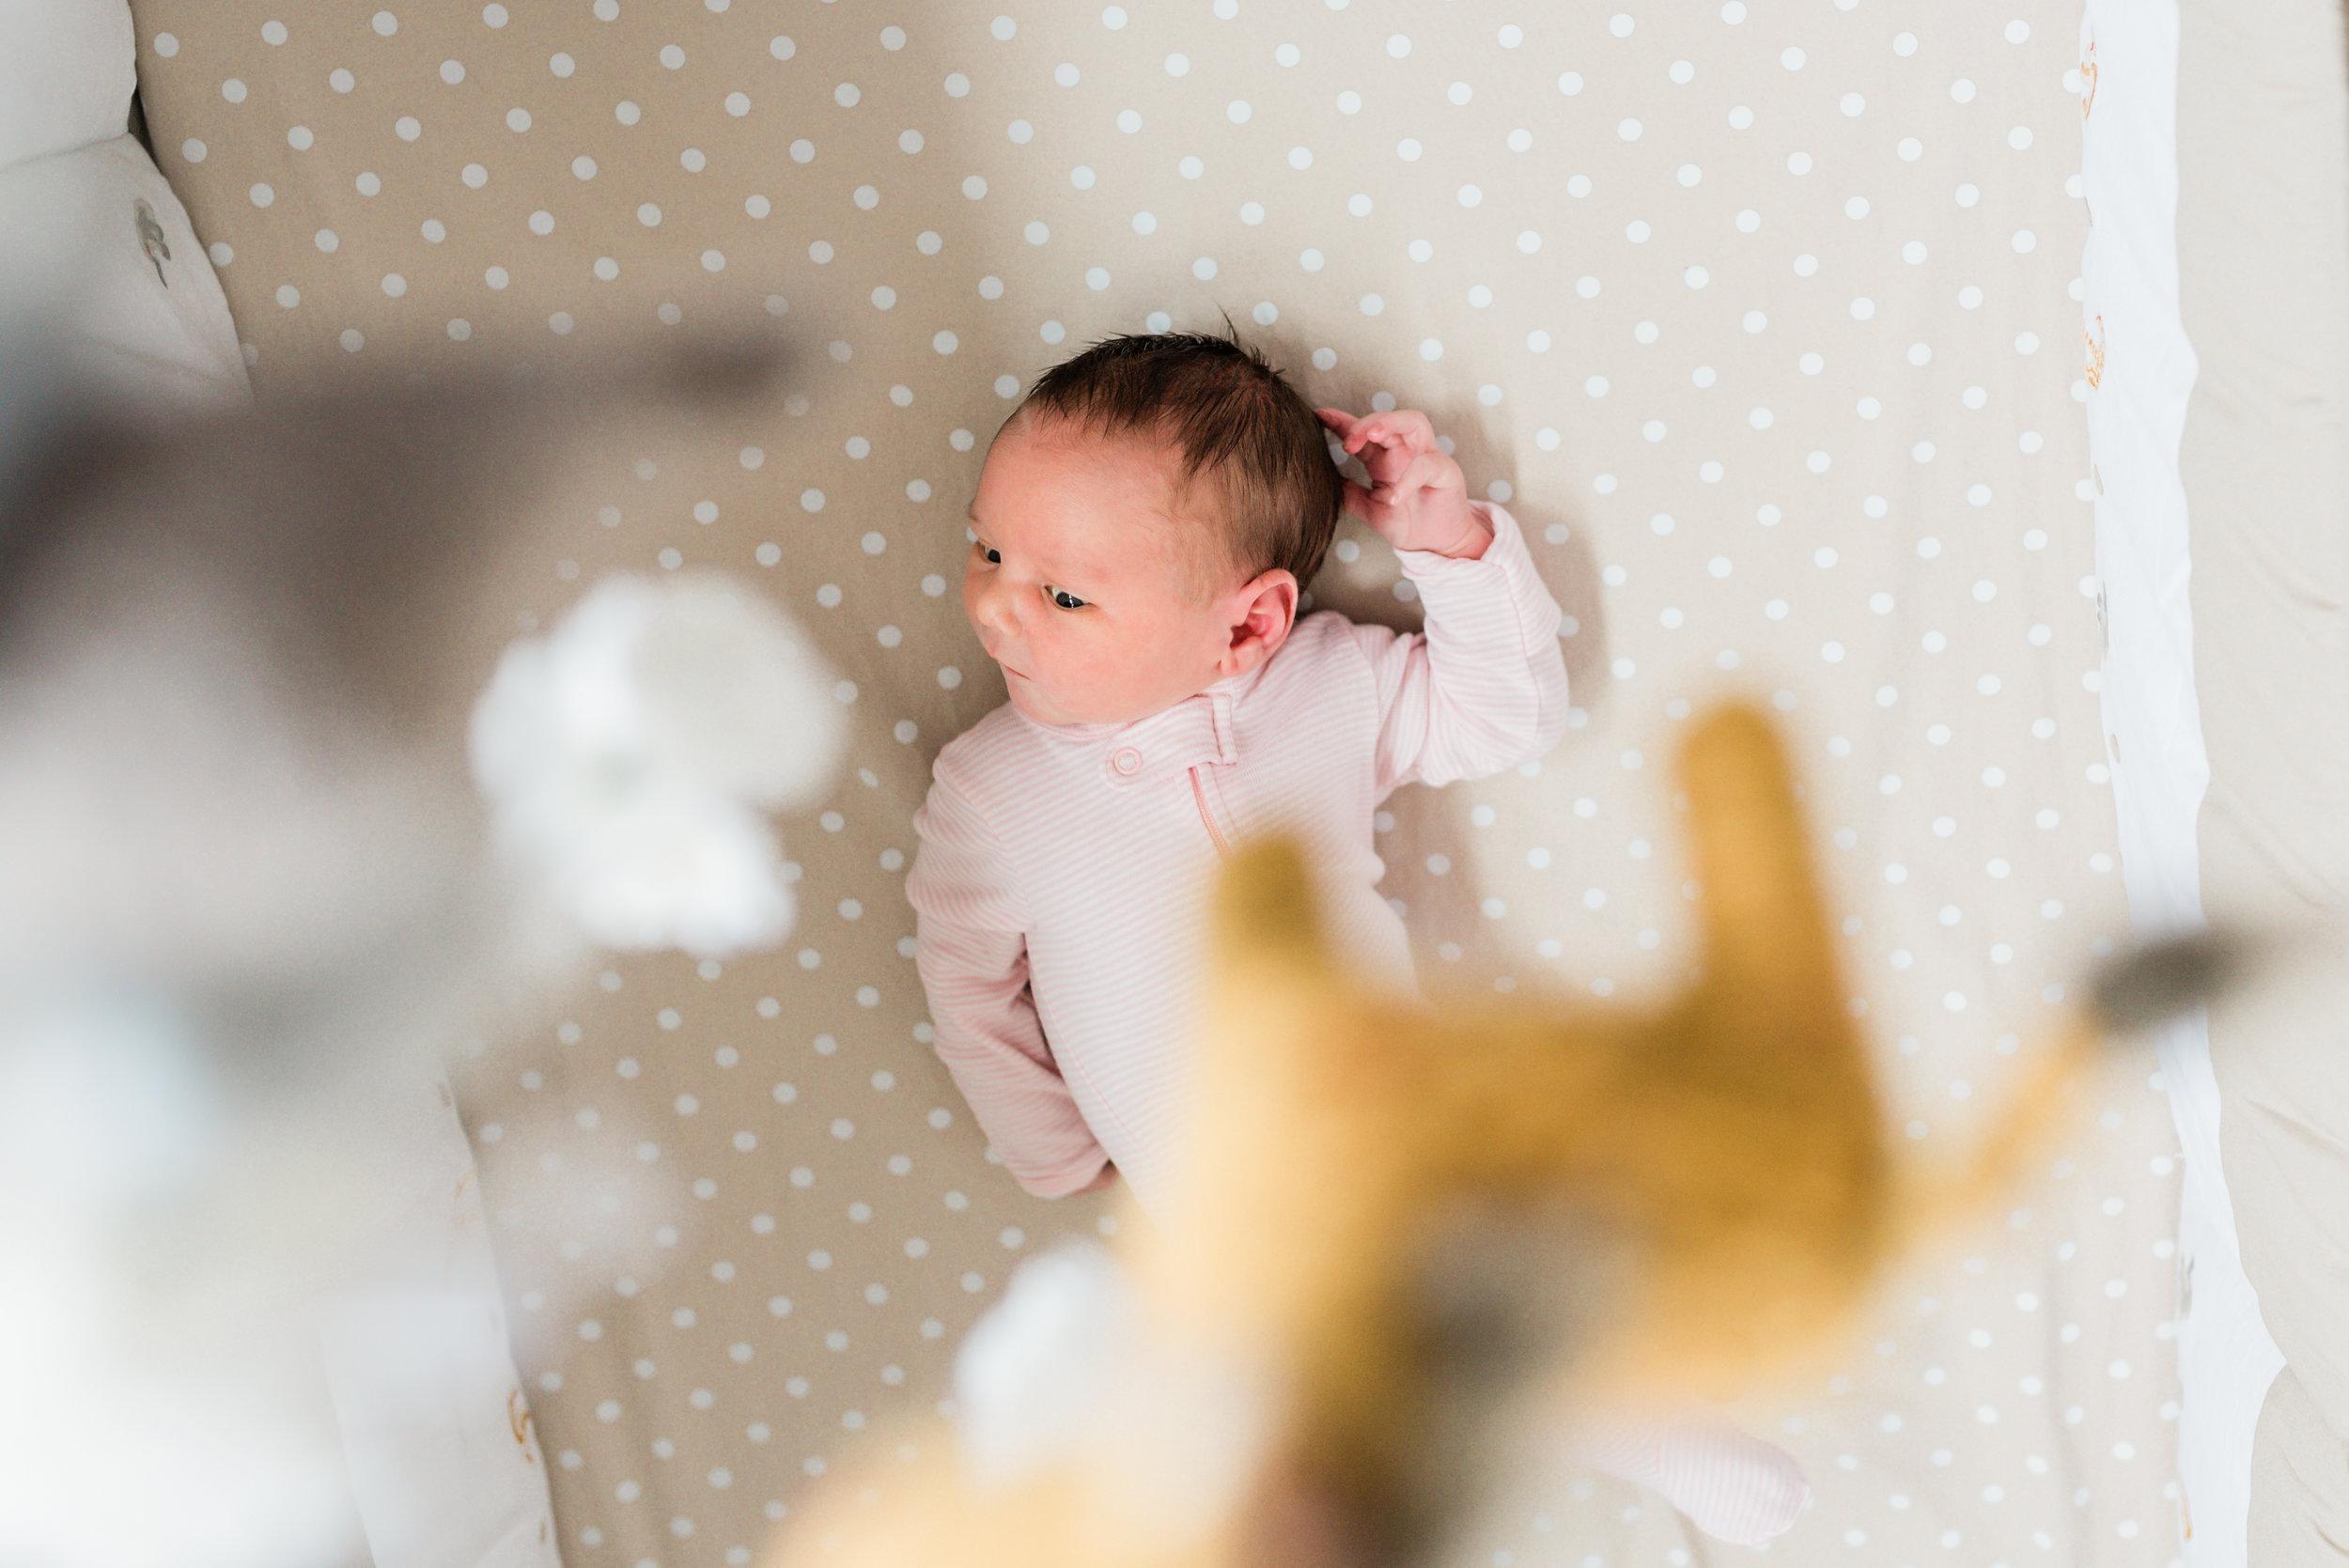 Summerville-Newborn-Photographer-Following-Seas-Photography-FSP_8829 copy.jpg